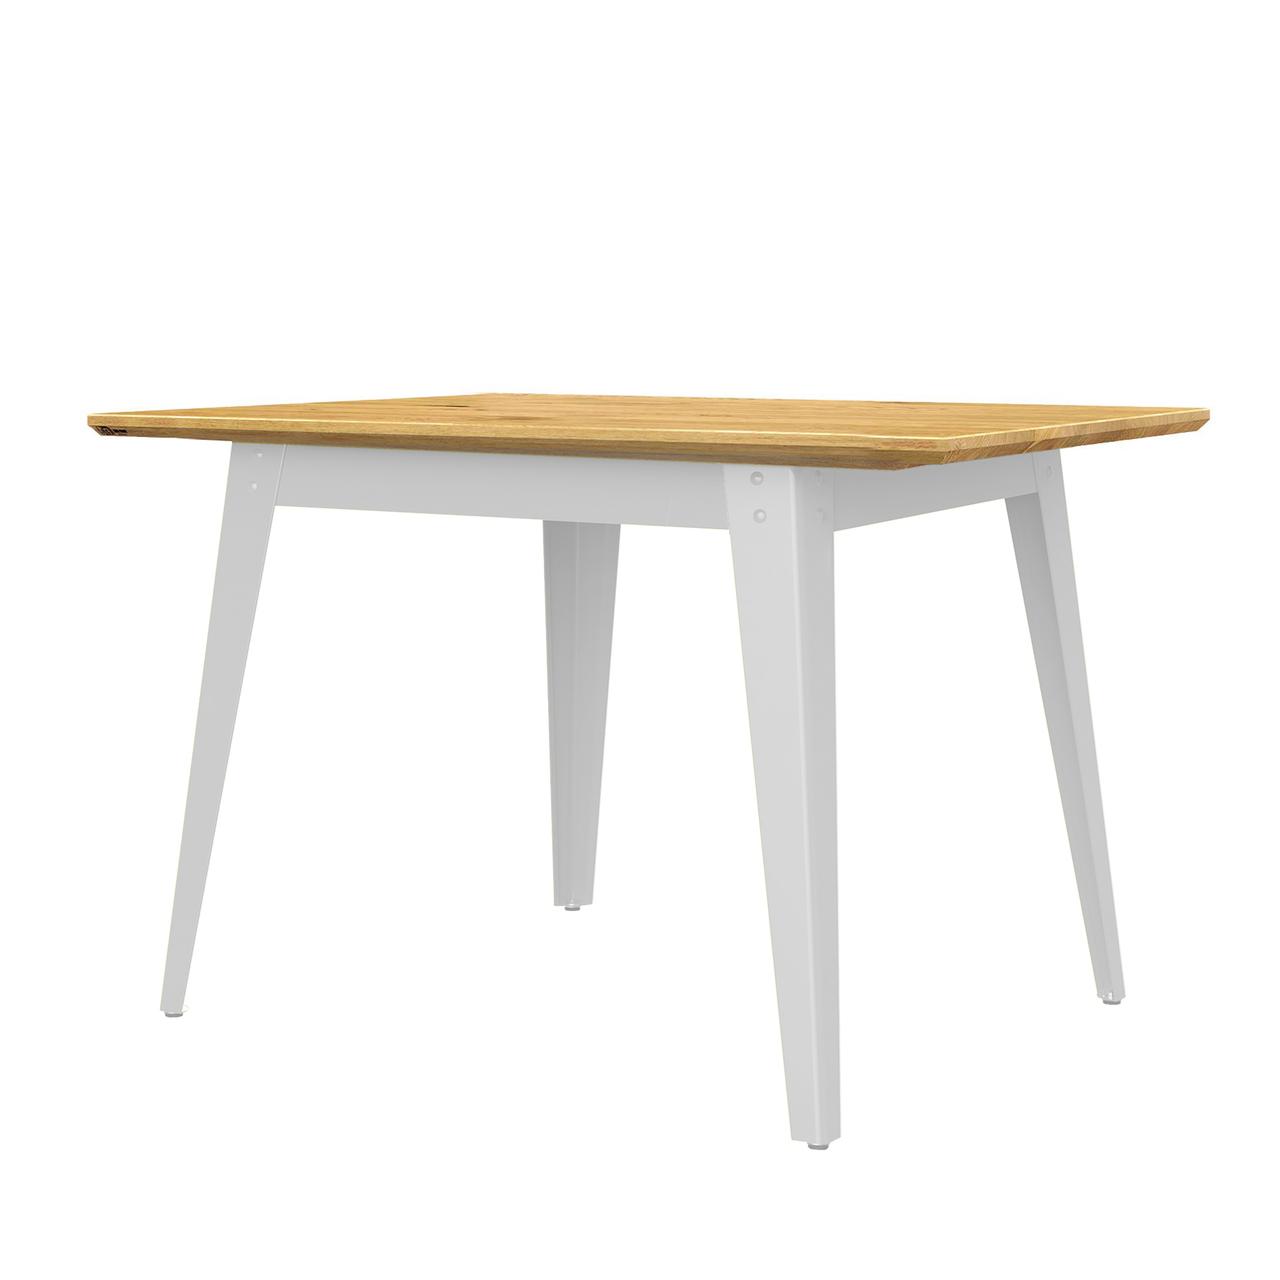 Jan Cray 6Grad Tisch Holz Weiss, Wildeiche geölt, B: 70 cm / L: 70 cm